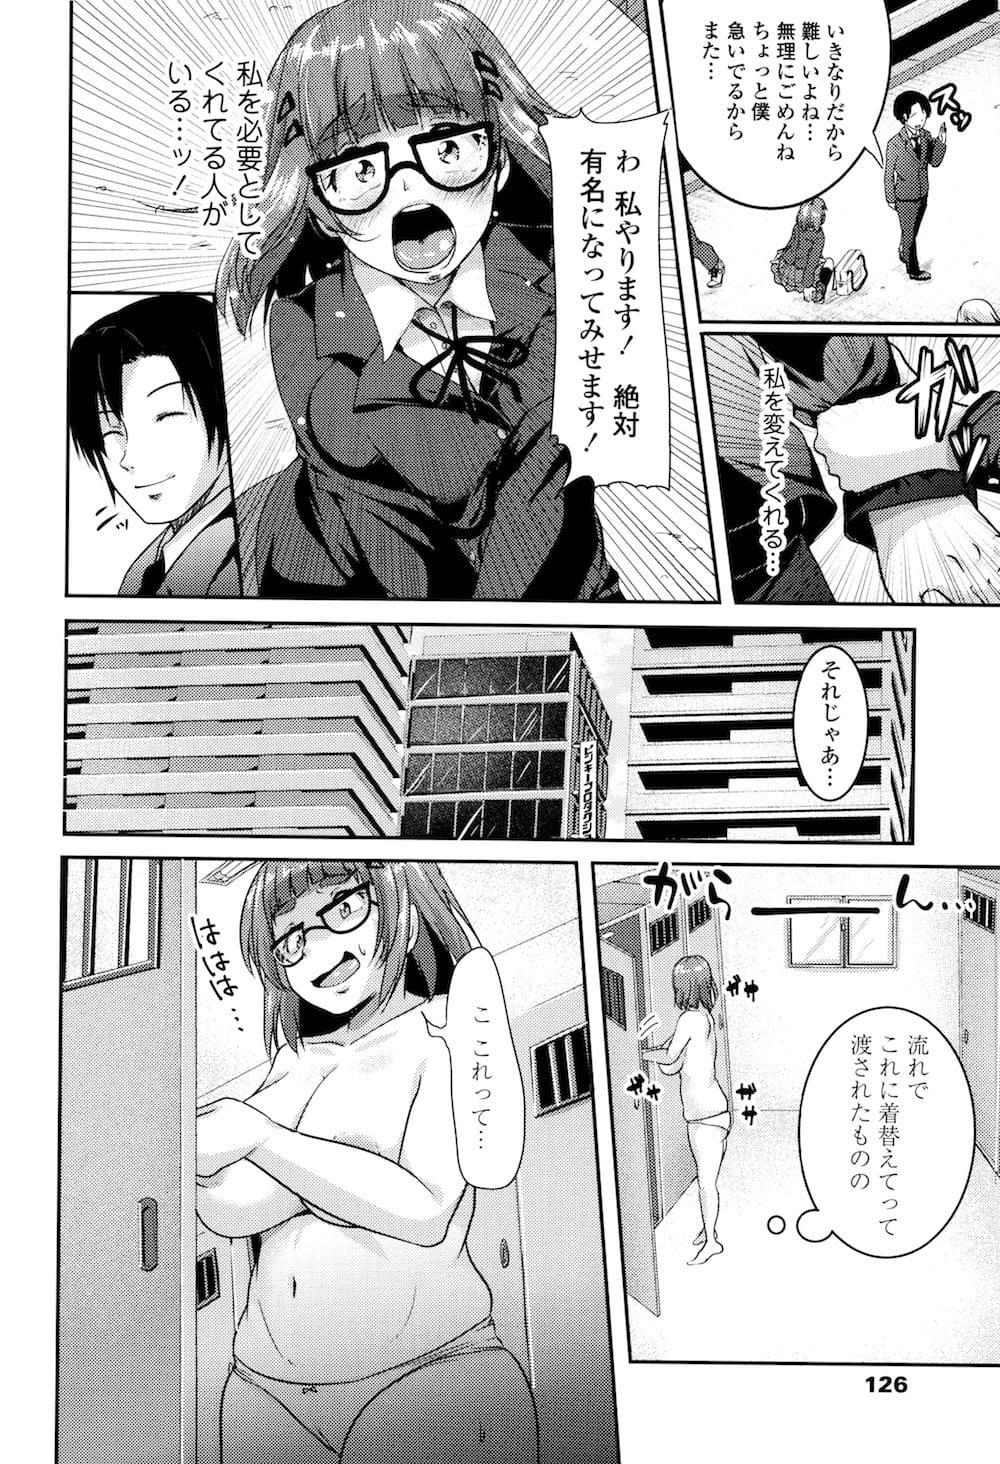 【エロ漫画・同人誌】学校でぼっちのメガネ女子が突然芸能プロダクションからスカウトされて撮影してみたらAVだったwww 004